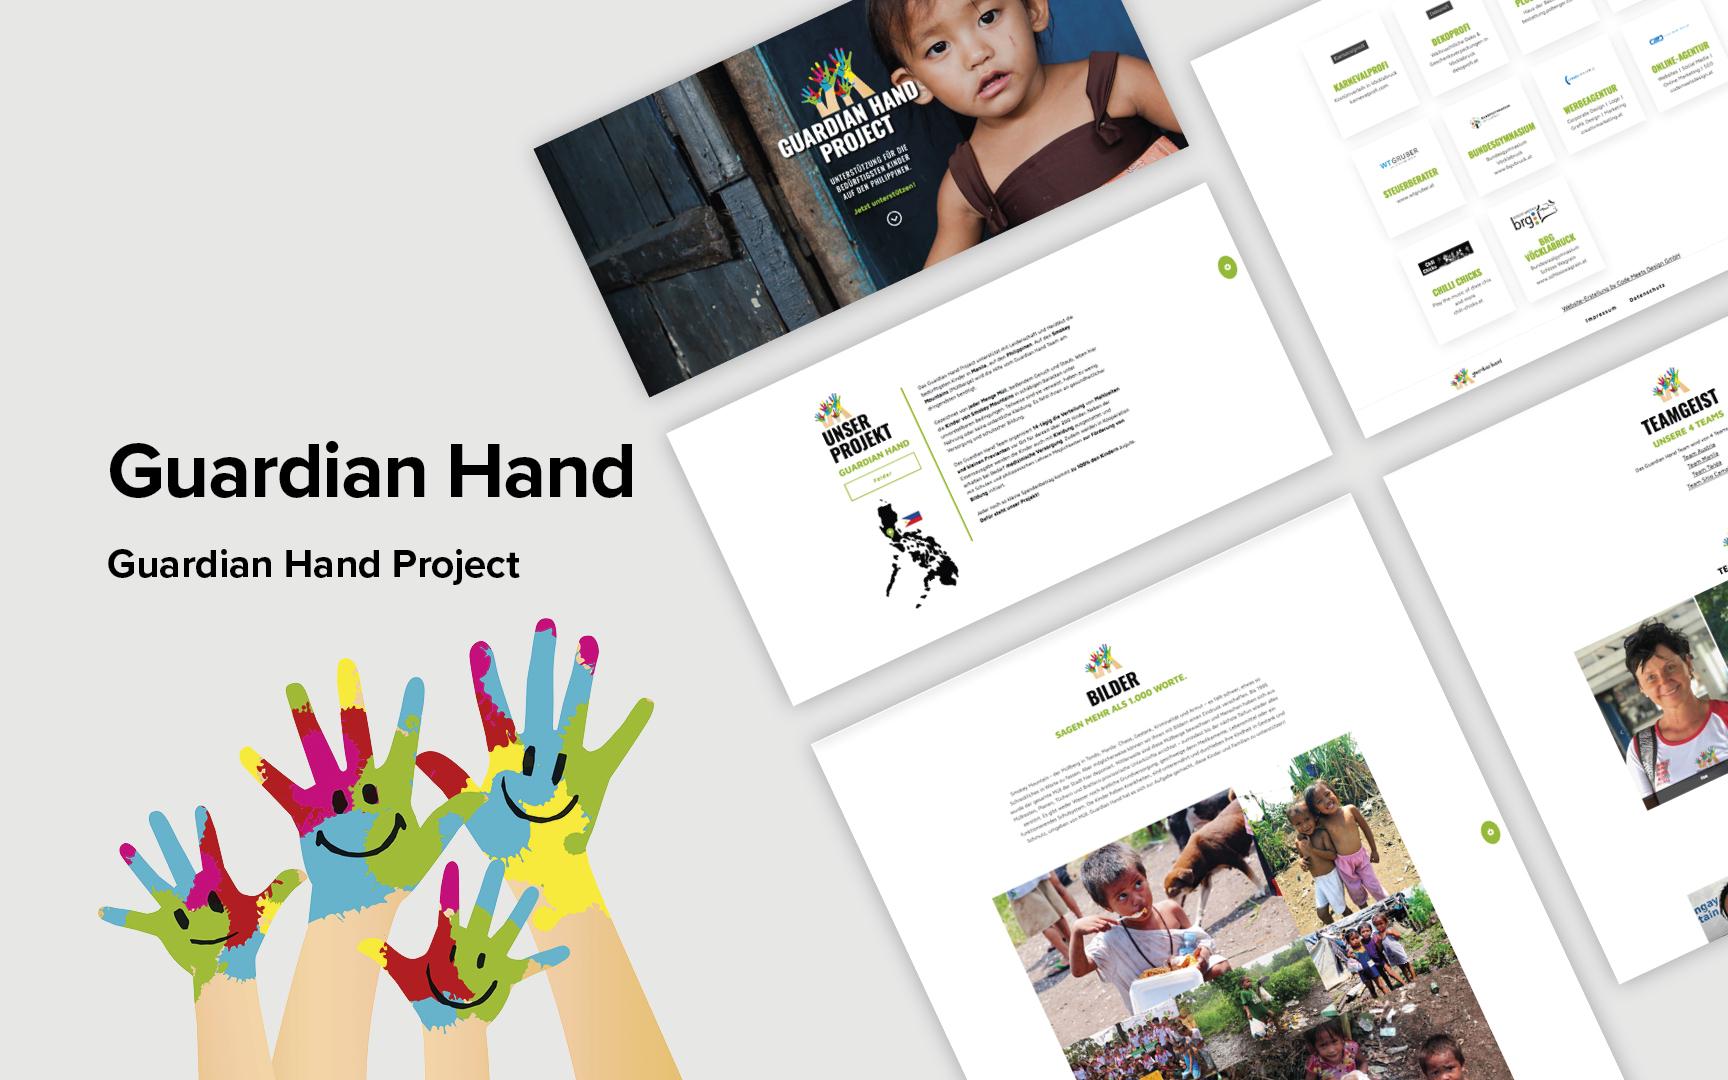 Guardian Hand Website